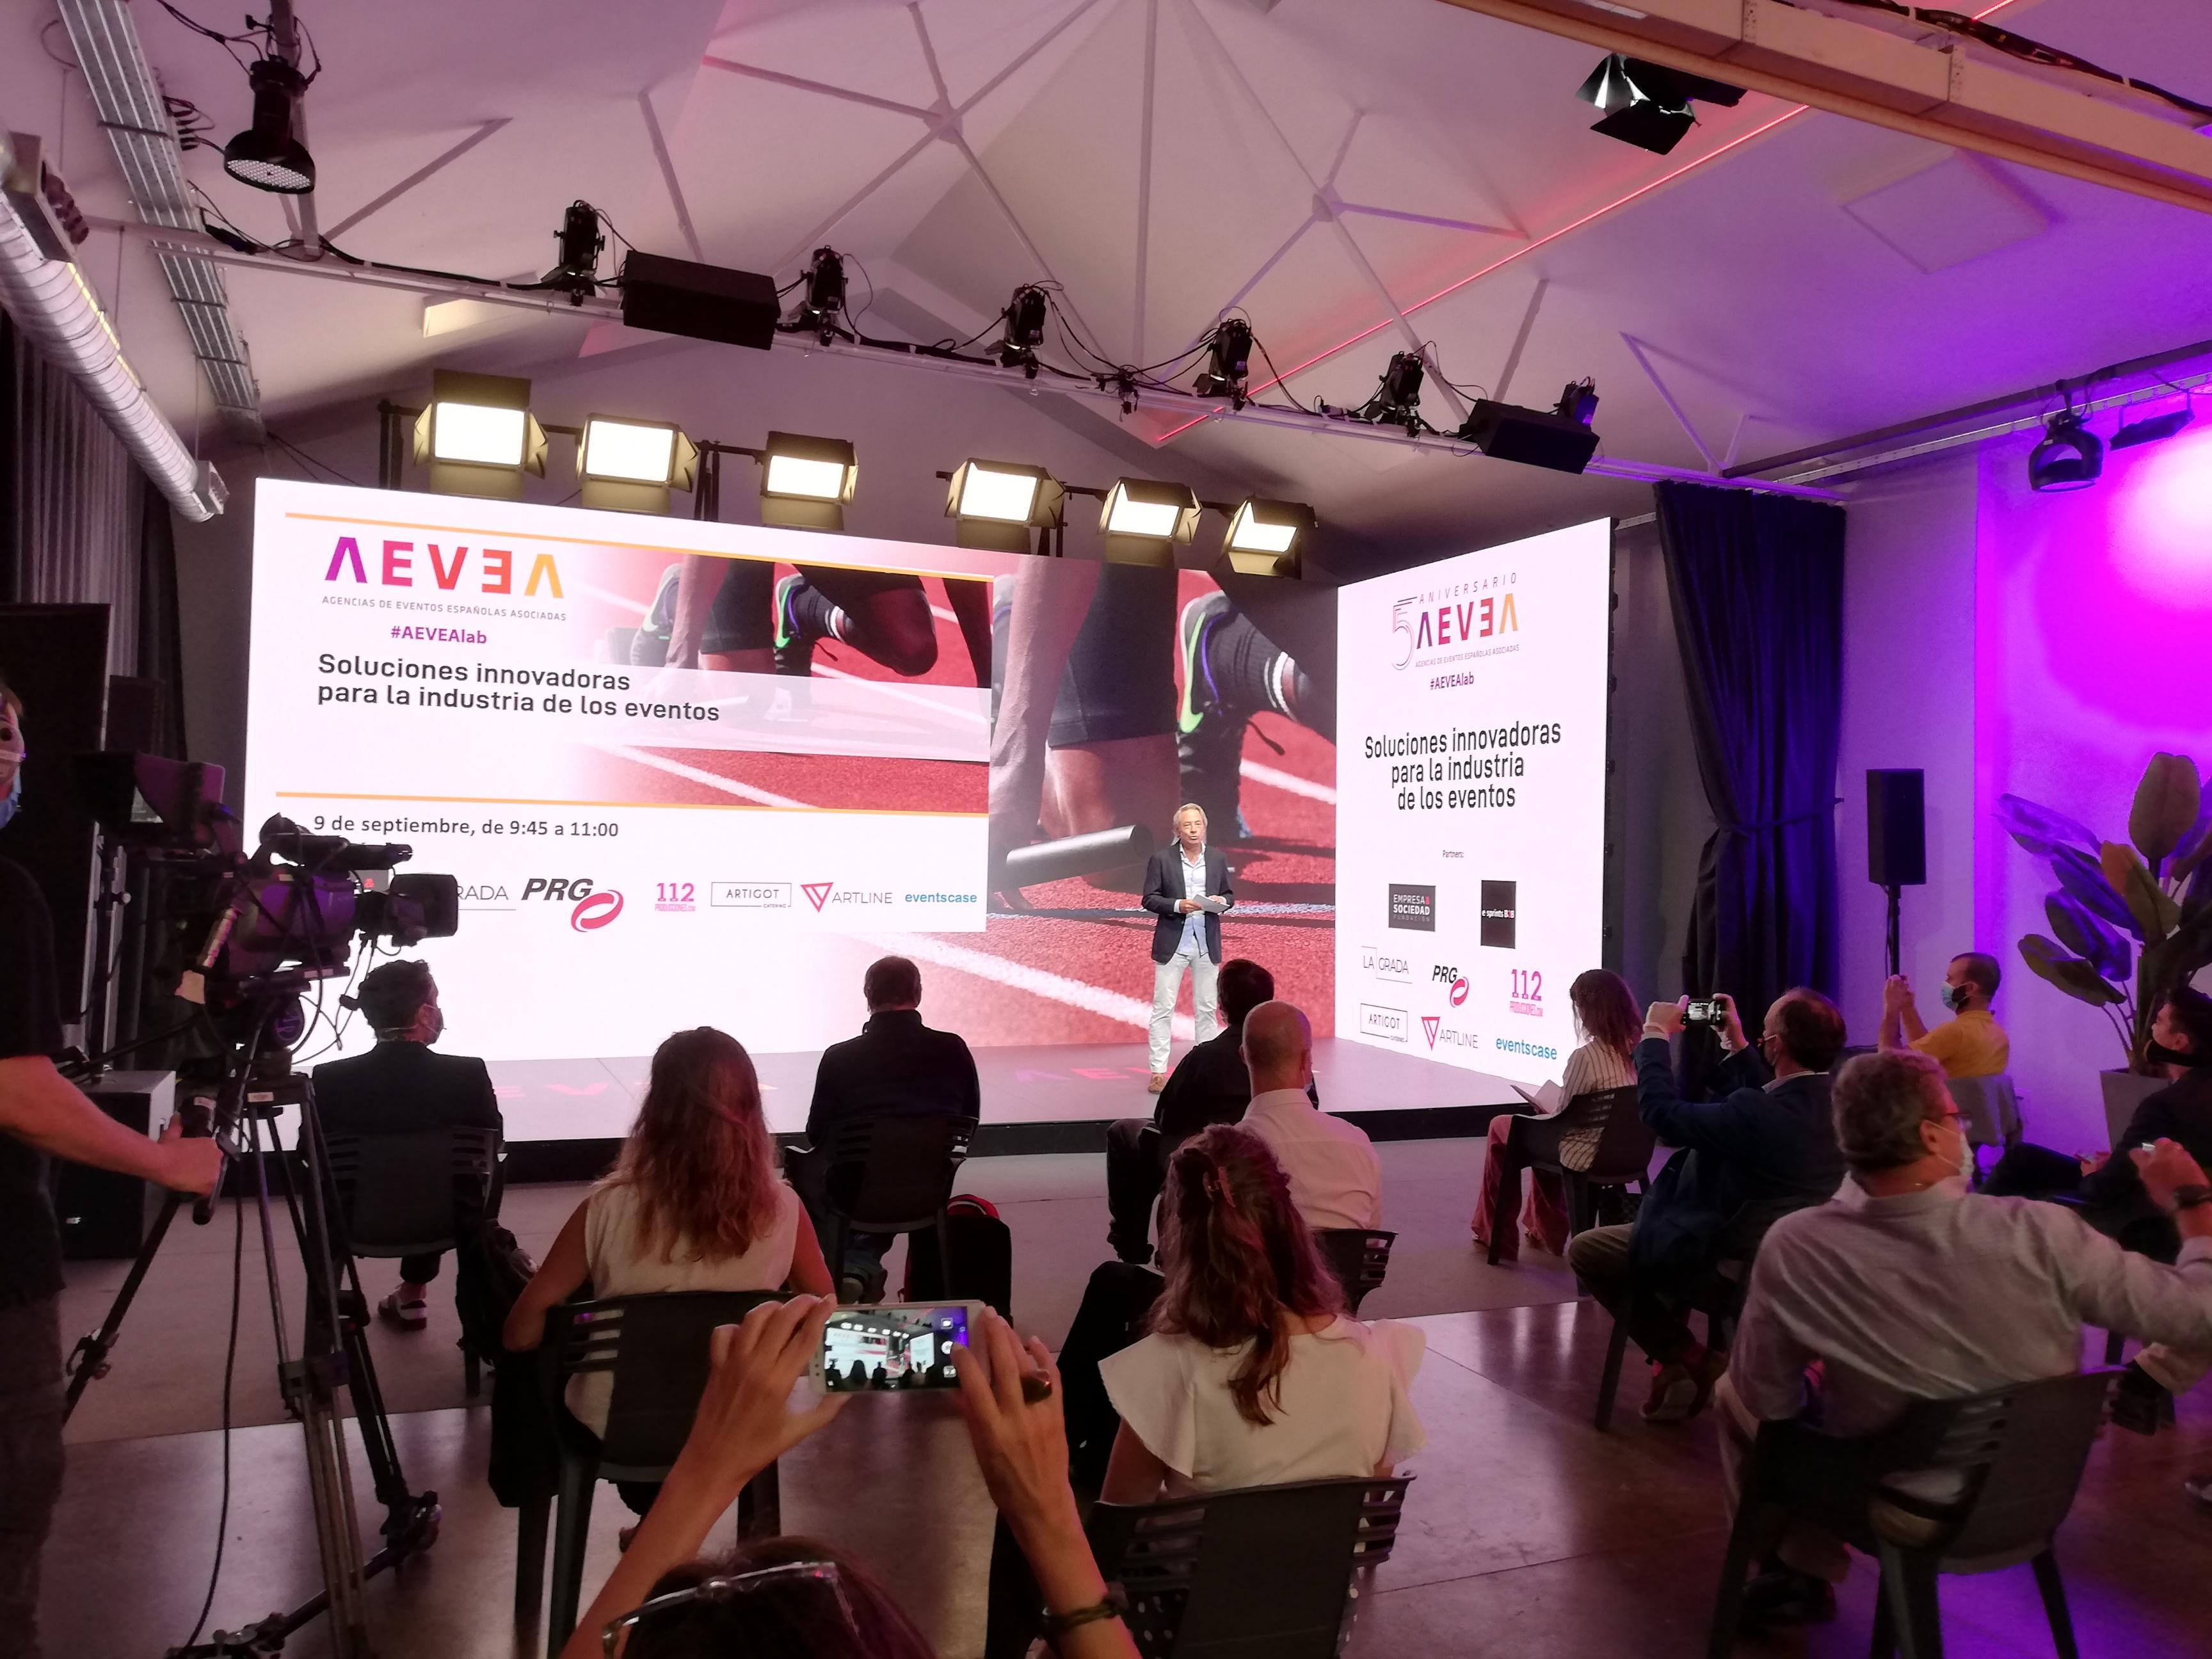 AEVEAlab Soluciones Innovadoras